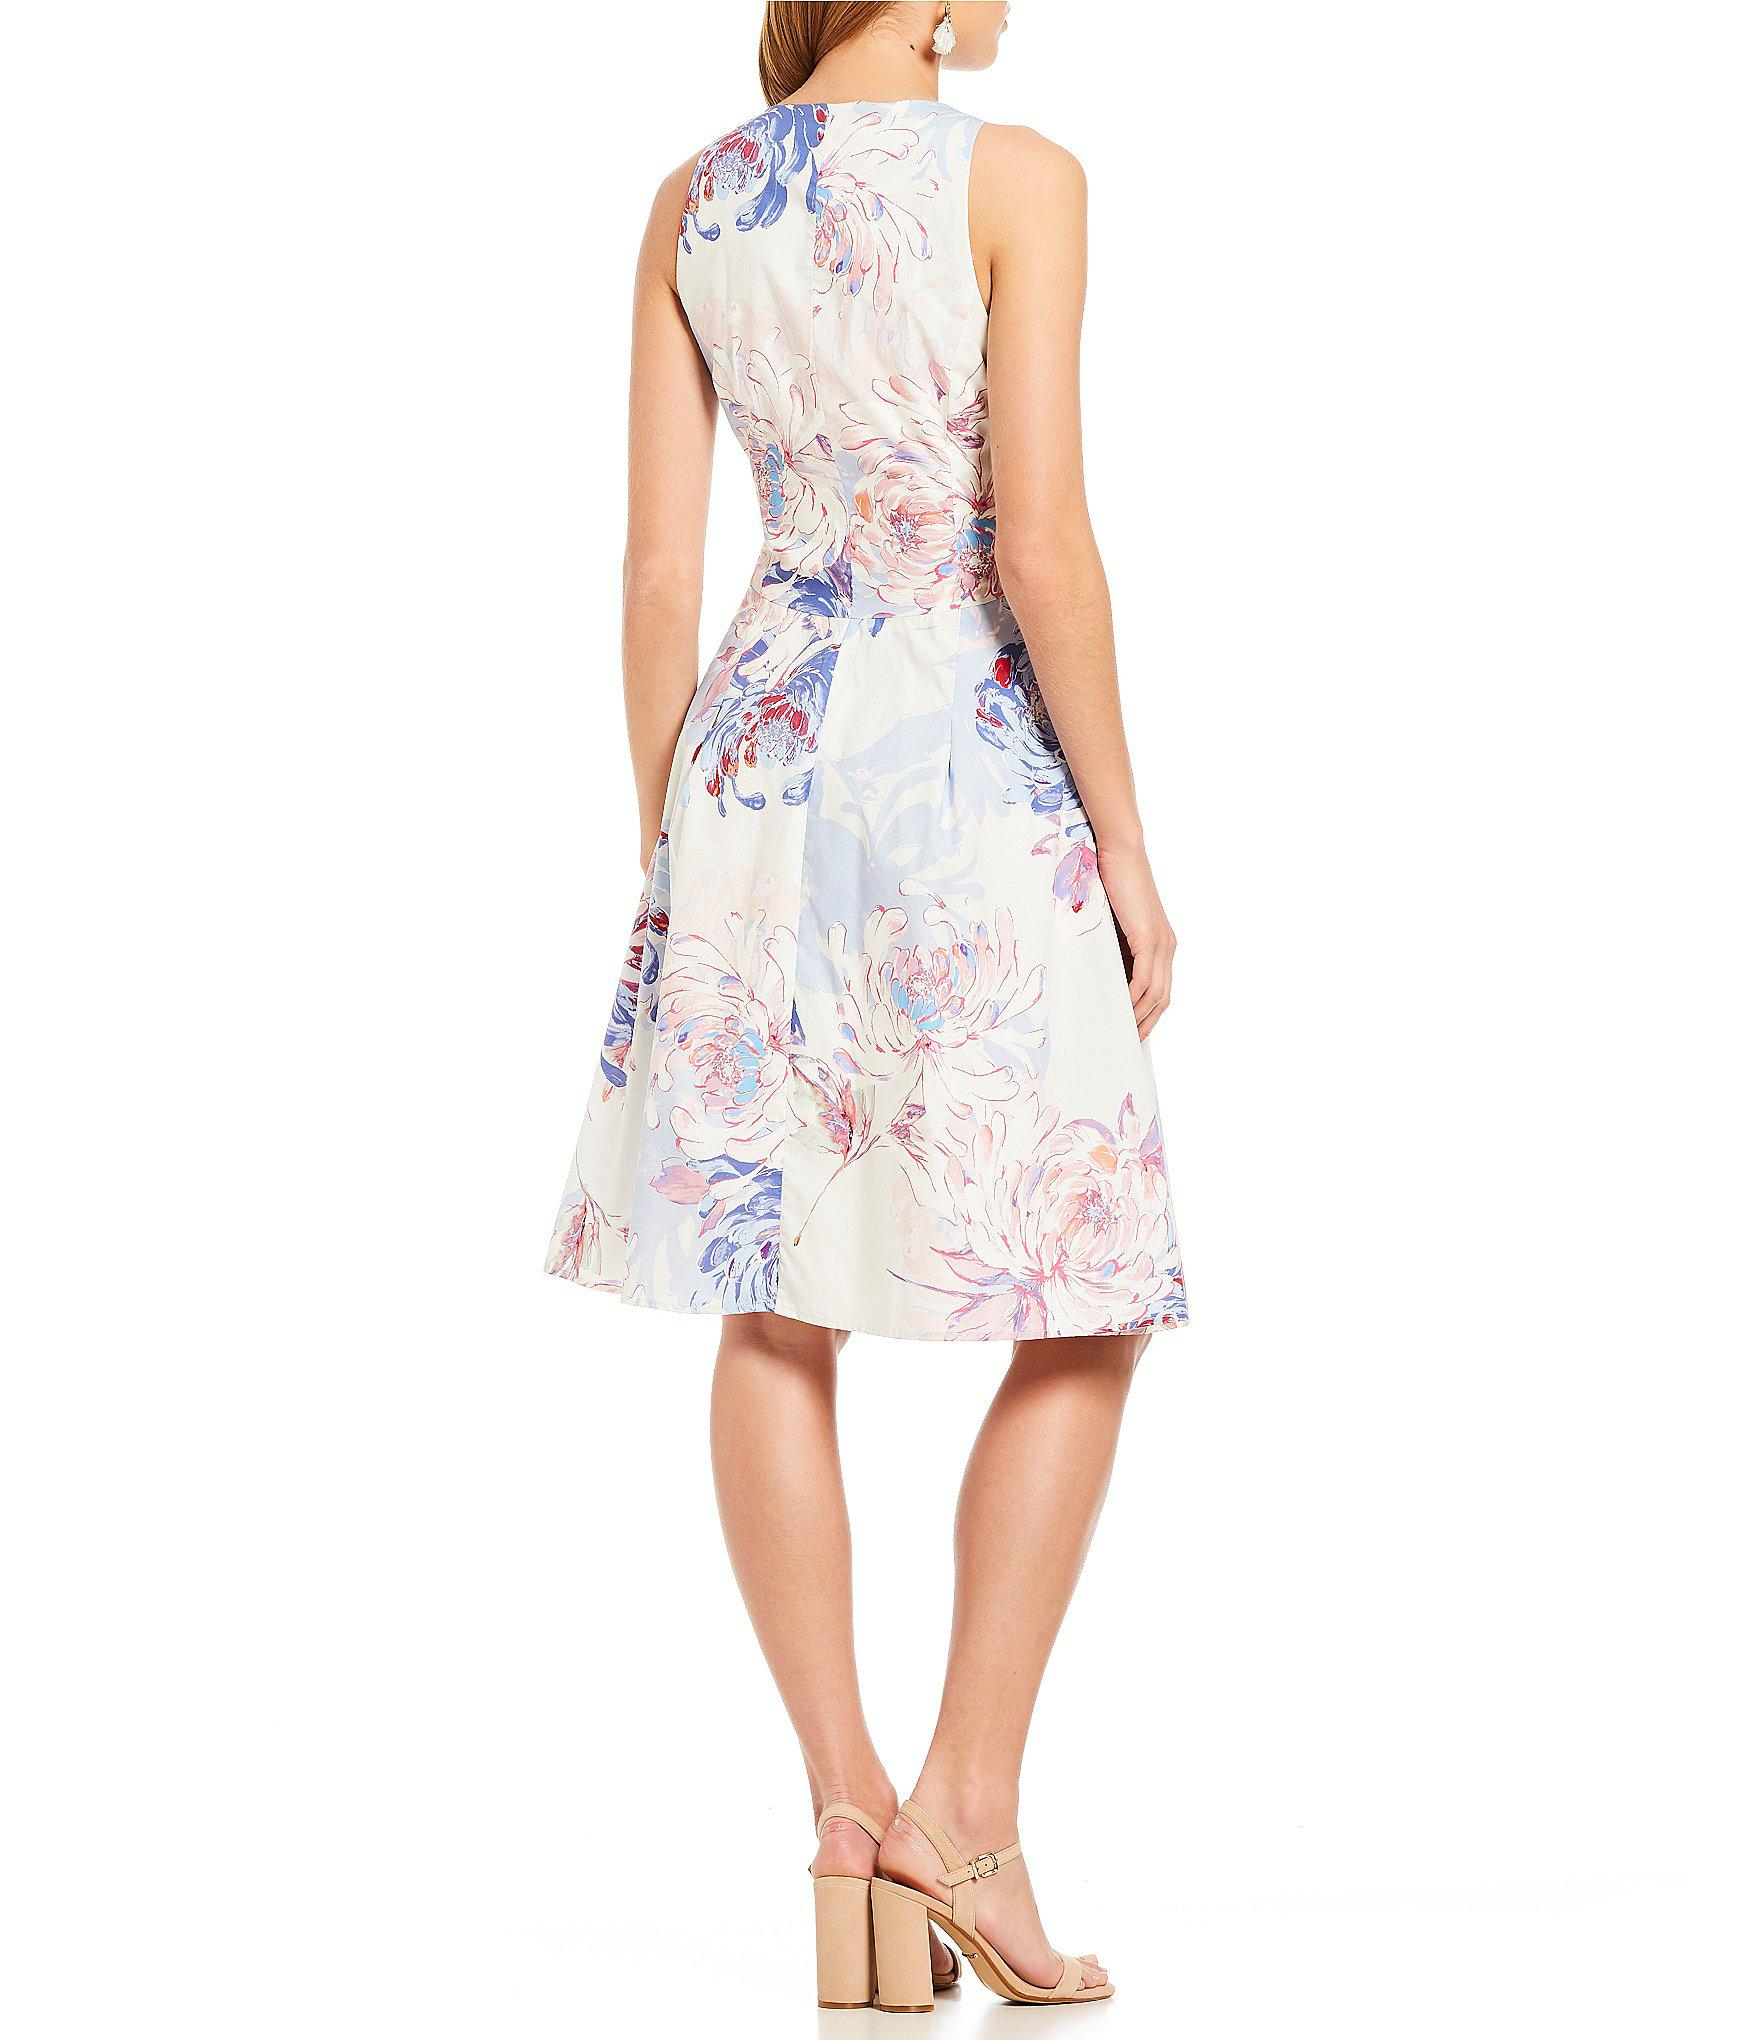 439a996b31 Gianni Bini Erika Poplin Floral Print Midi Dress in Blue - Lyst